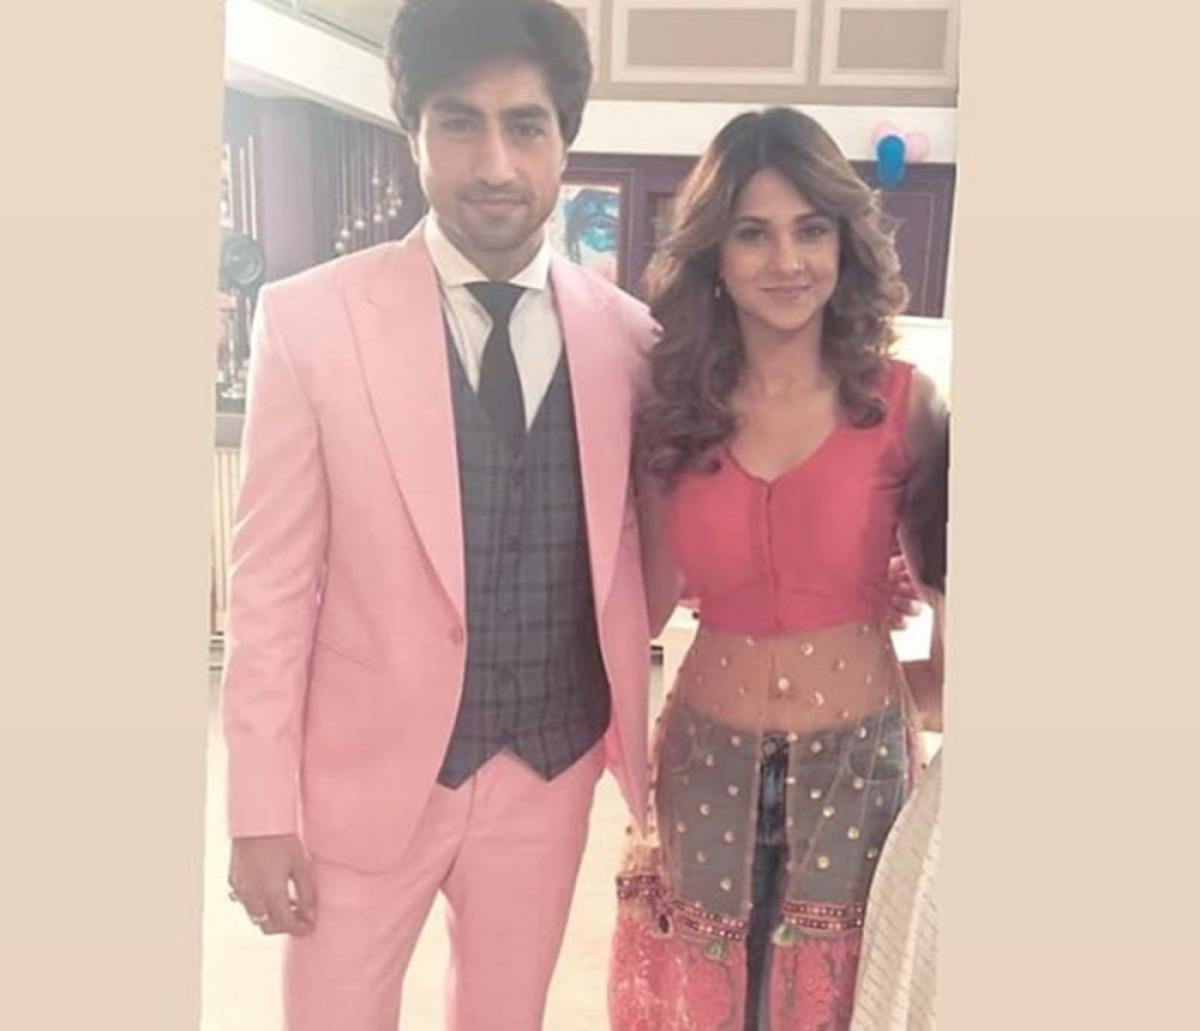 Bepannaah Spoiler! Jennifer Winget, Harshad Chopra's post leap look leaked